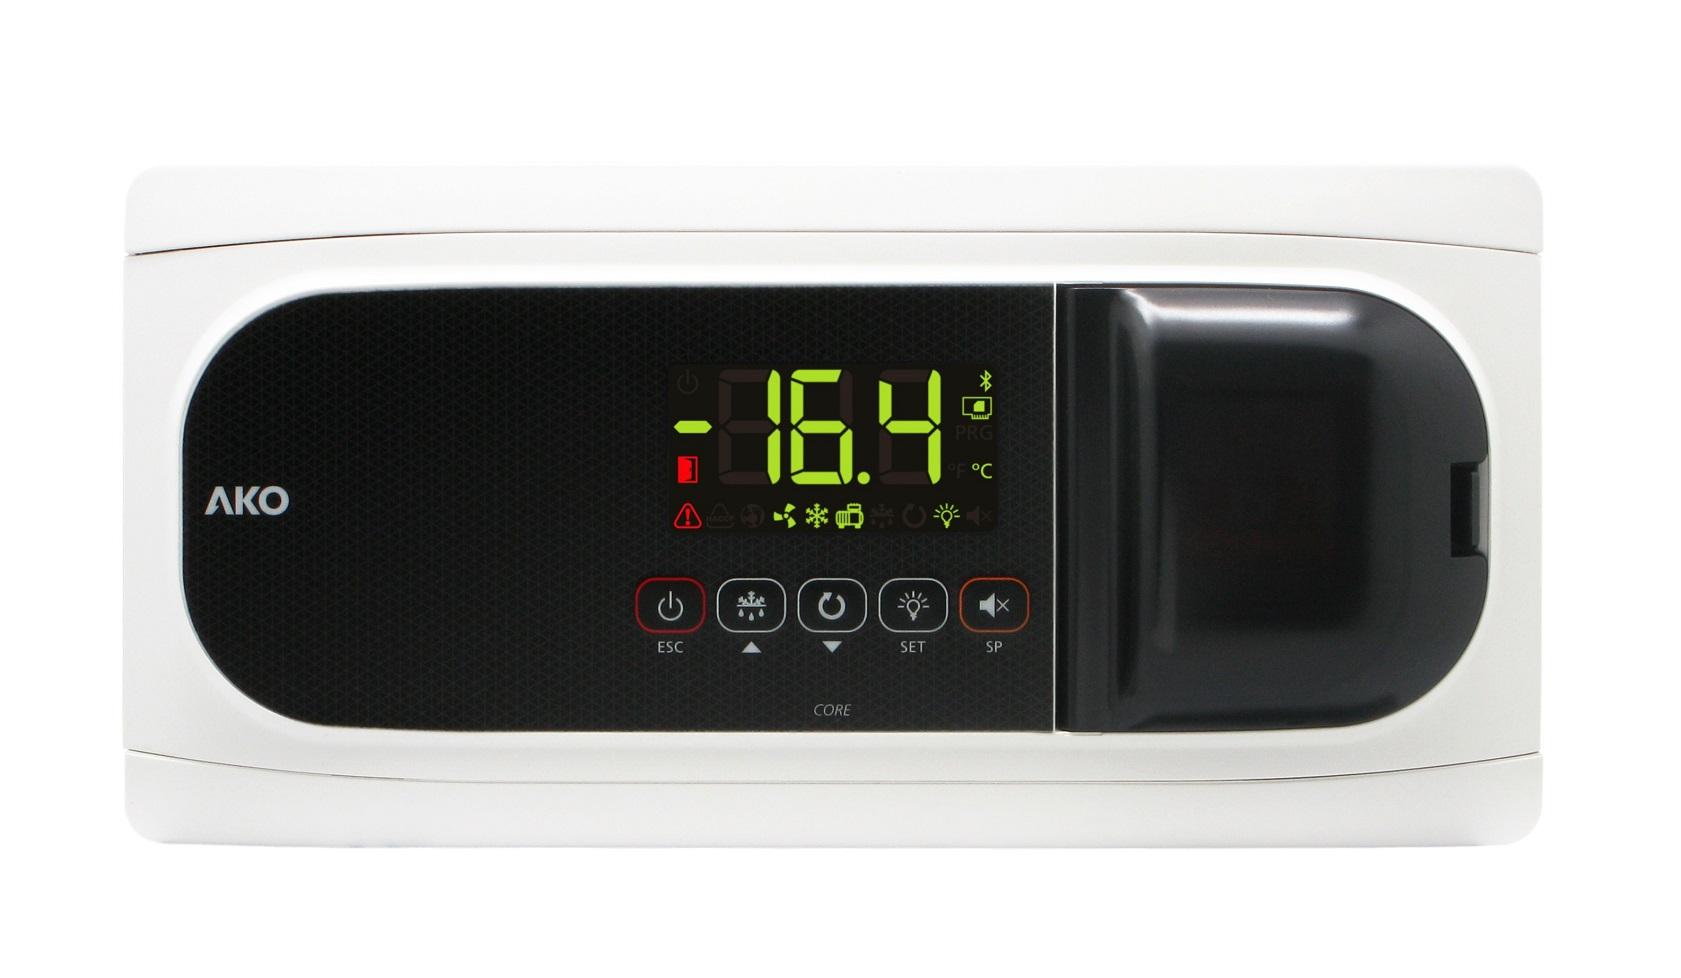 AKOCORE-ako-controlador-temperatura